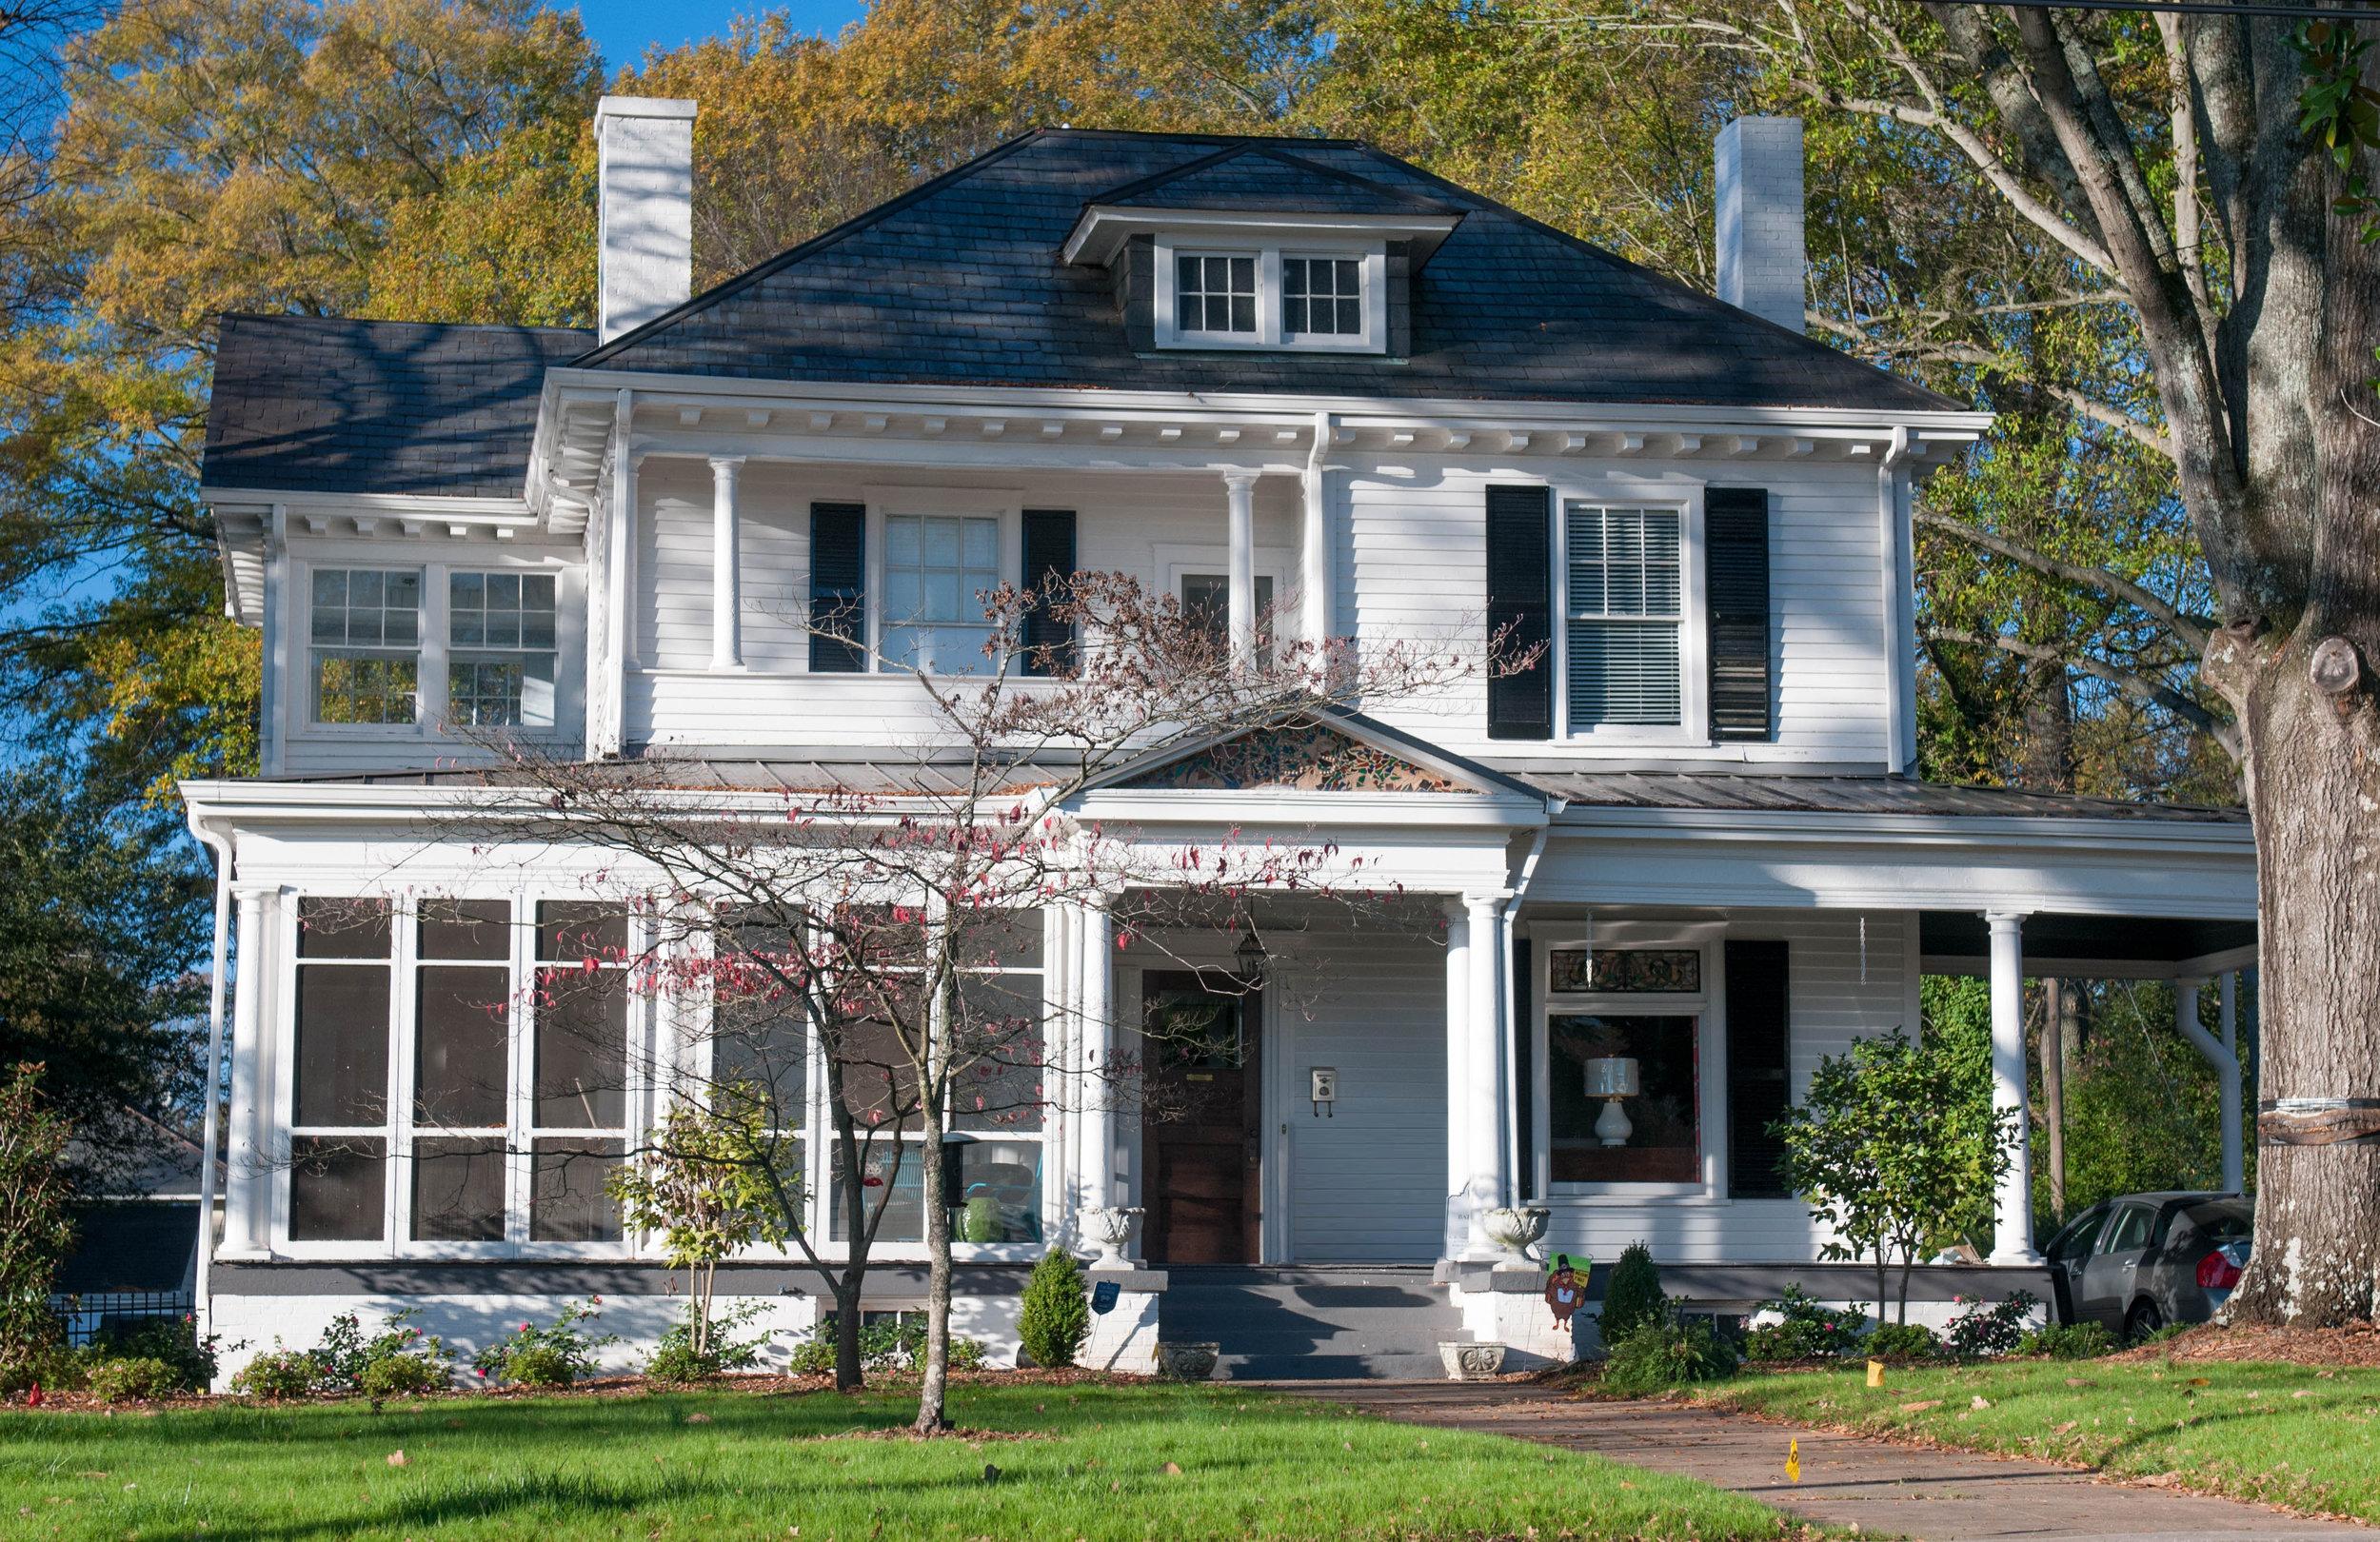 R.B. Suggs House, Cir. 1908